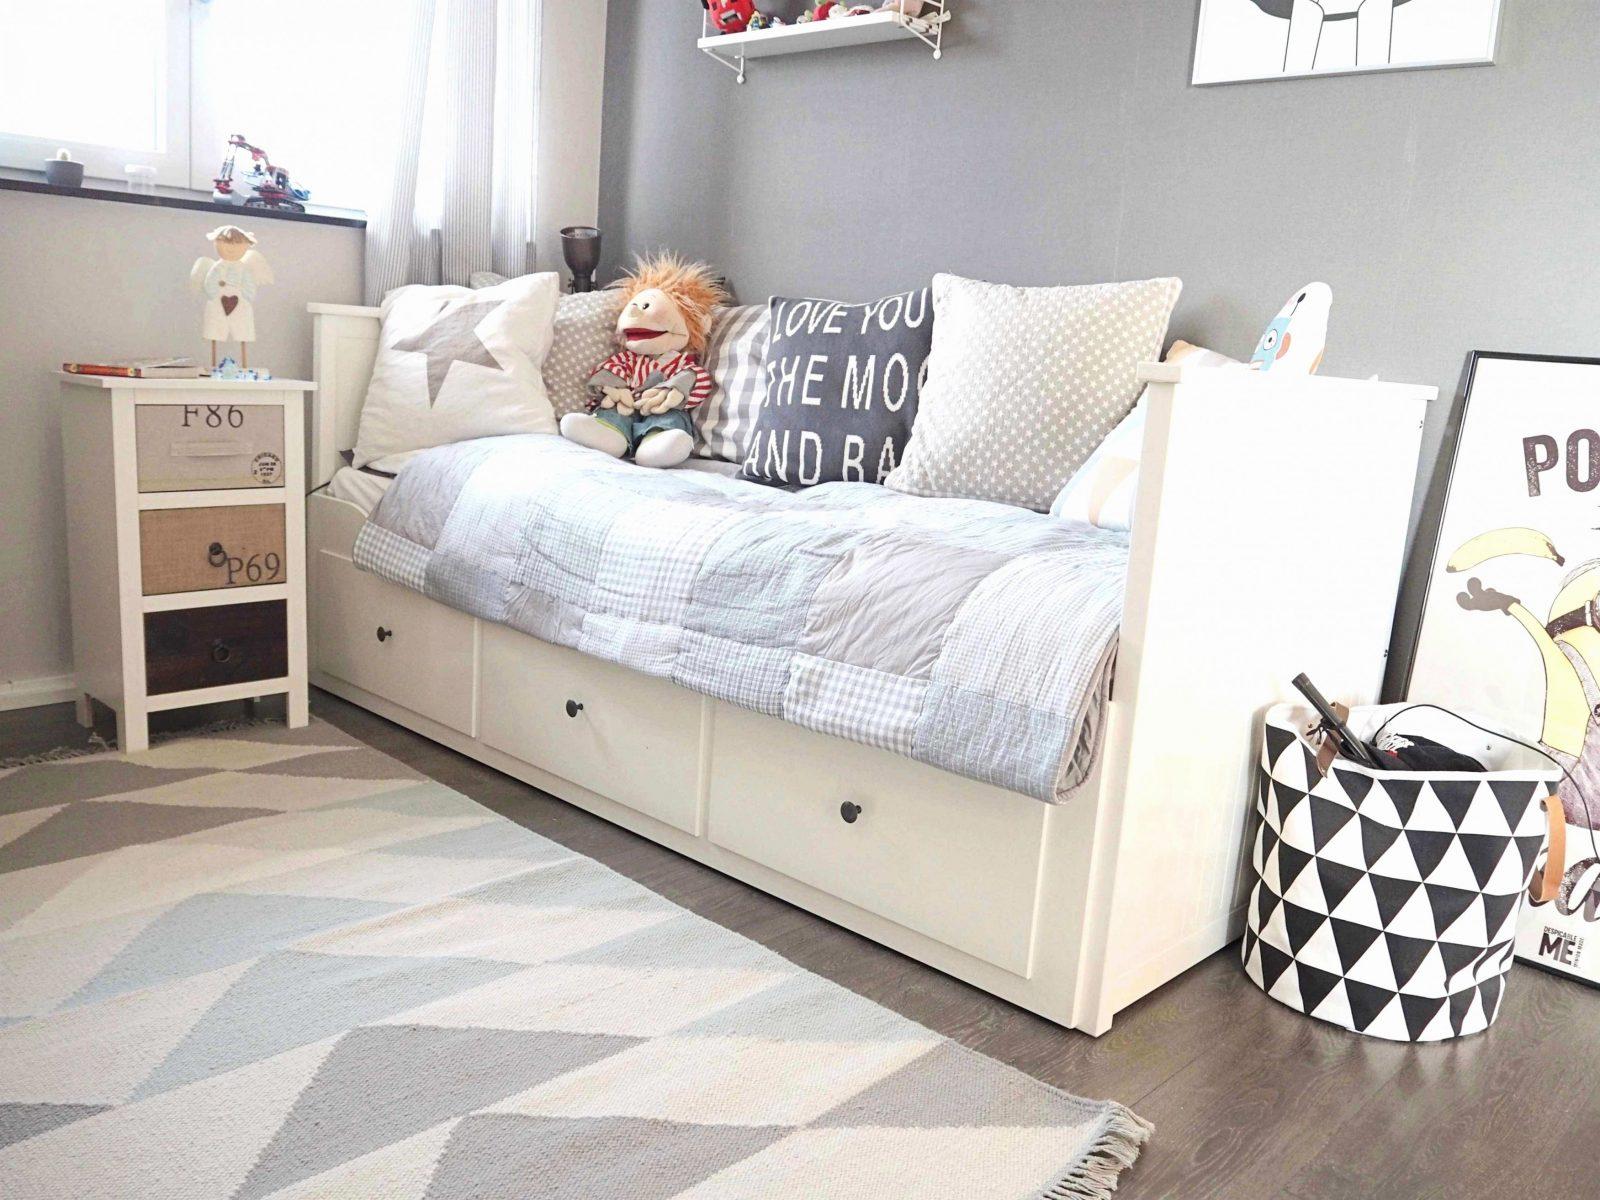 Jugendzimmer Bei Ikea — Haus Möbel von Ikea Jugendzimmer Für Jungs Photo